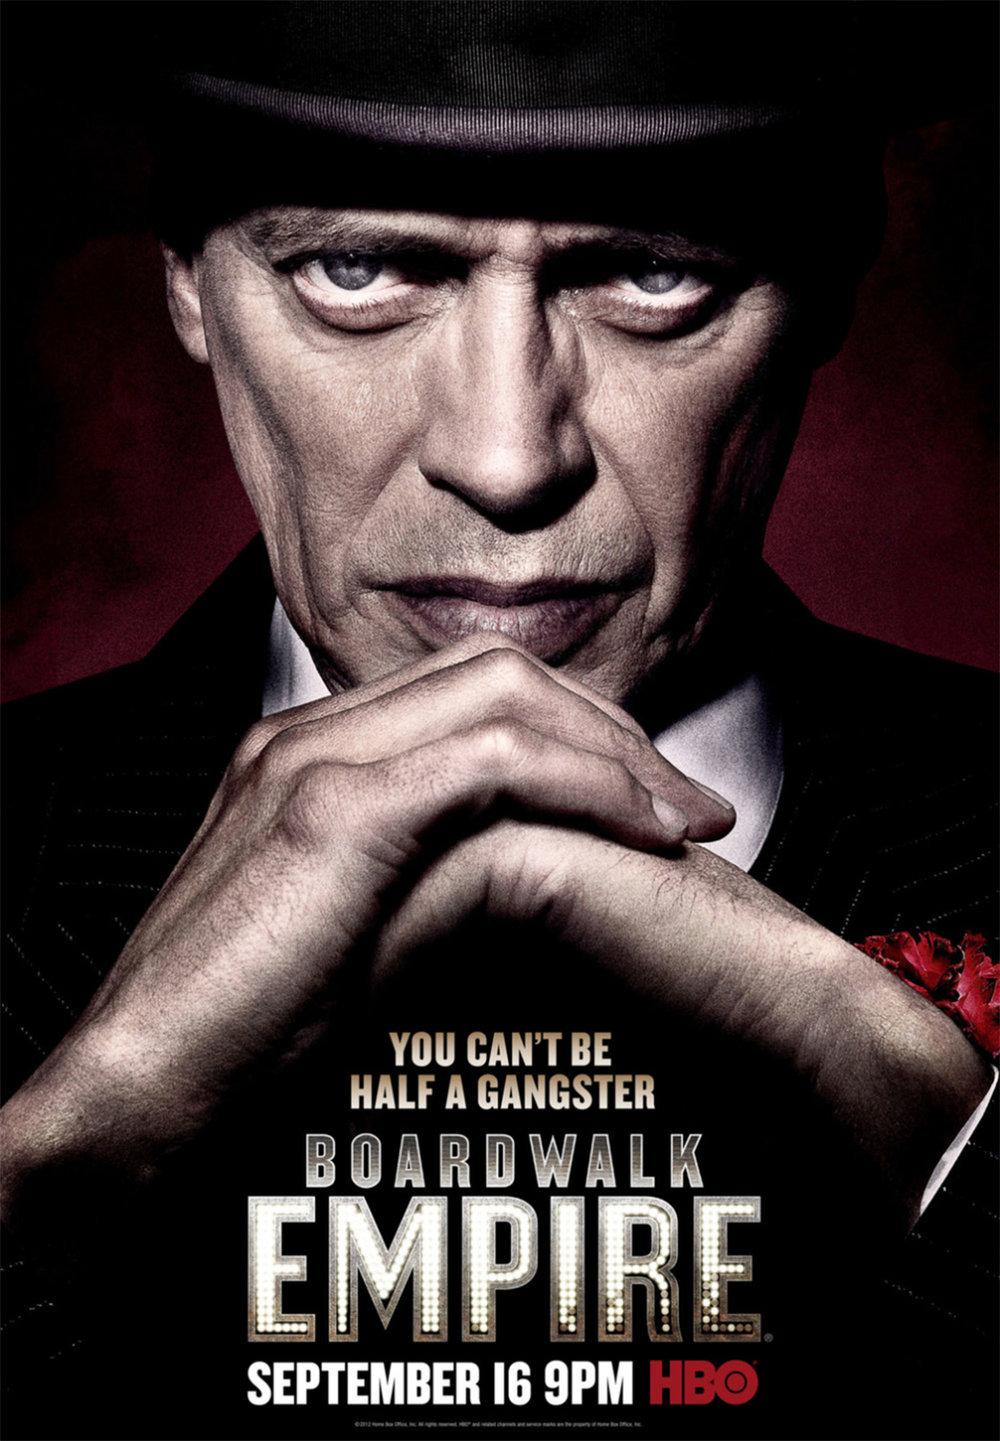 HBO - Steve Buscemi in Boardwalk Empire - Brooklyn, NY